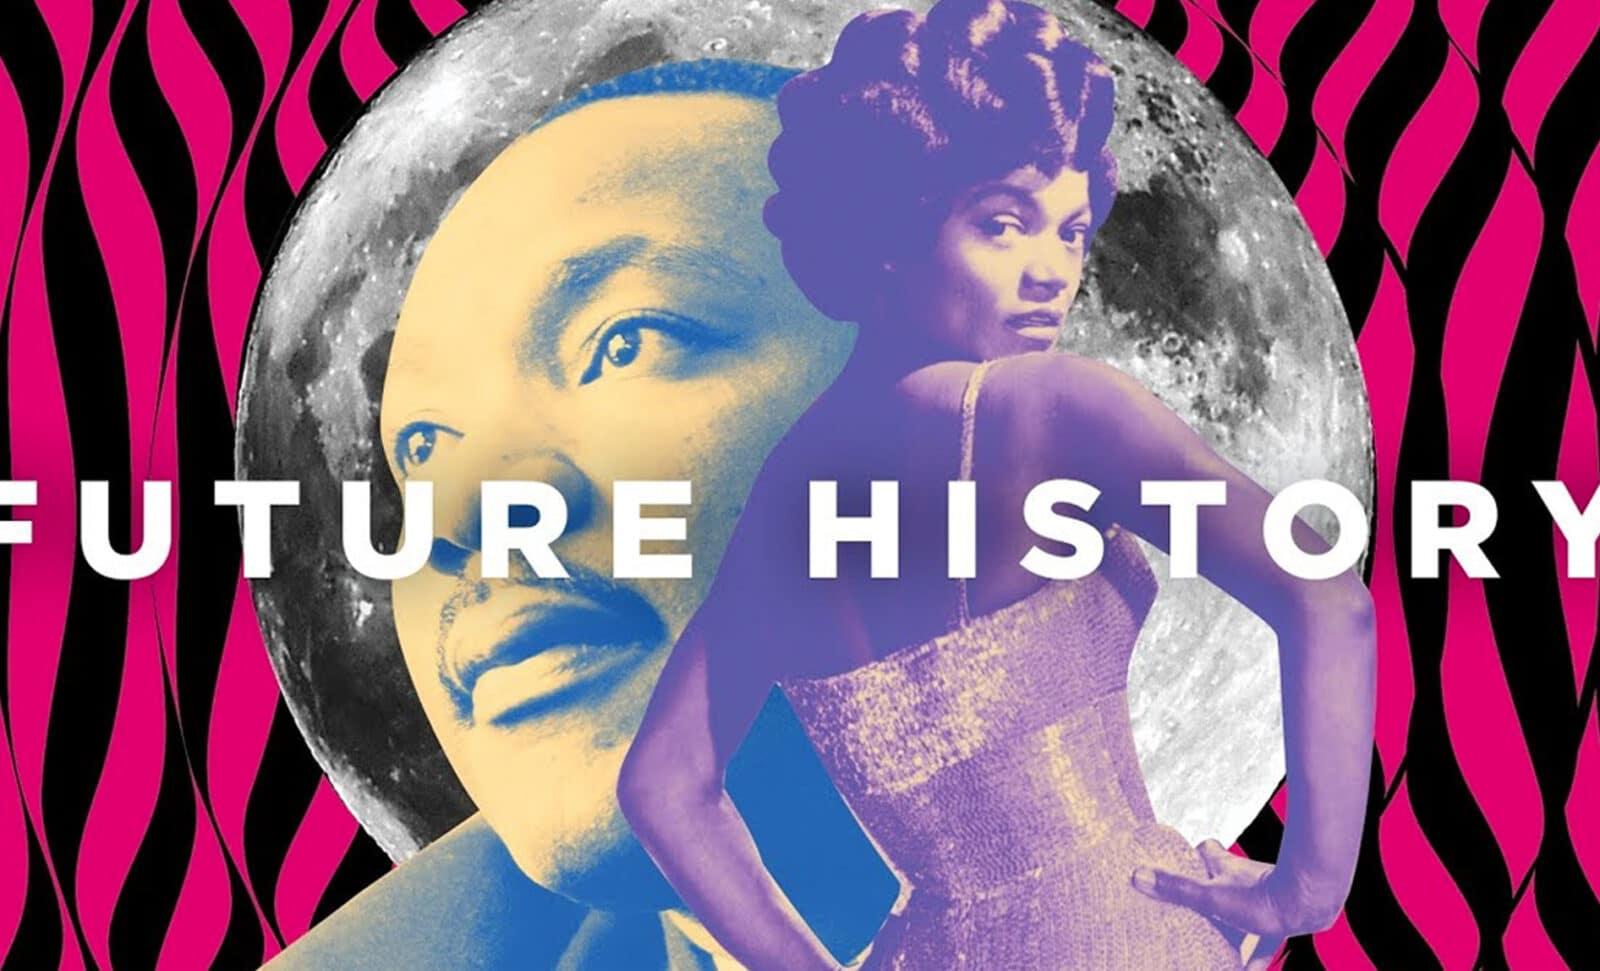 BuzzFeed เปิดตัว Future History สารคดีรูปแบบใหม่ เน้นเล่นบนมือถือโดยเฉพาะ